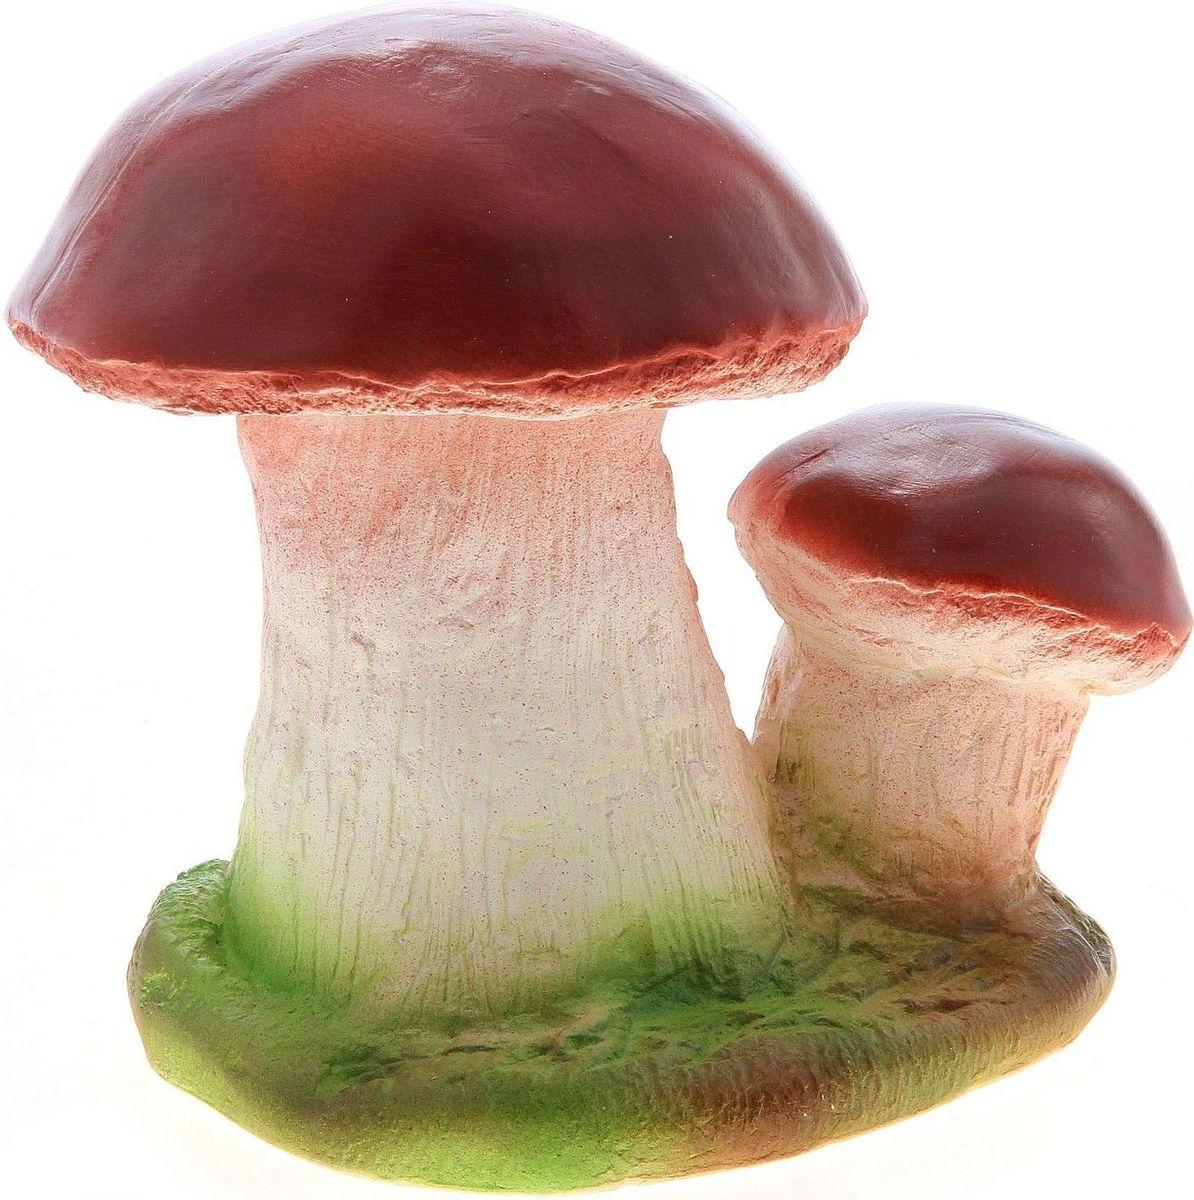 Фигура садовая Два грибочка, 15 х 23 х 20 см748334Очаровательные фигурки грибов украсят сад. Они выглядят совсем как настоящие. Расположите гриб под деревом или в траве и приятно удивите прогуливающихся гостей. Симпатичная фигурка станет прекрасным подарком заядлому садоводу. Такой декор будет гармонично смотреться в огородах и на участках с обилием зелени. Дополните пространство сада интересной деталью.